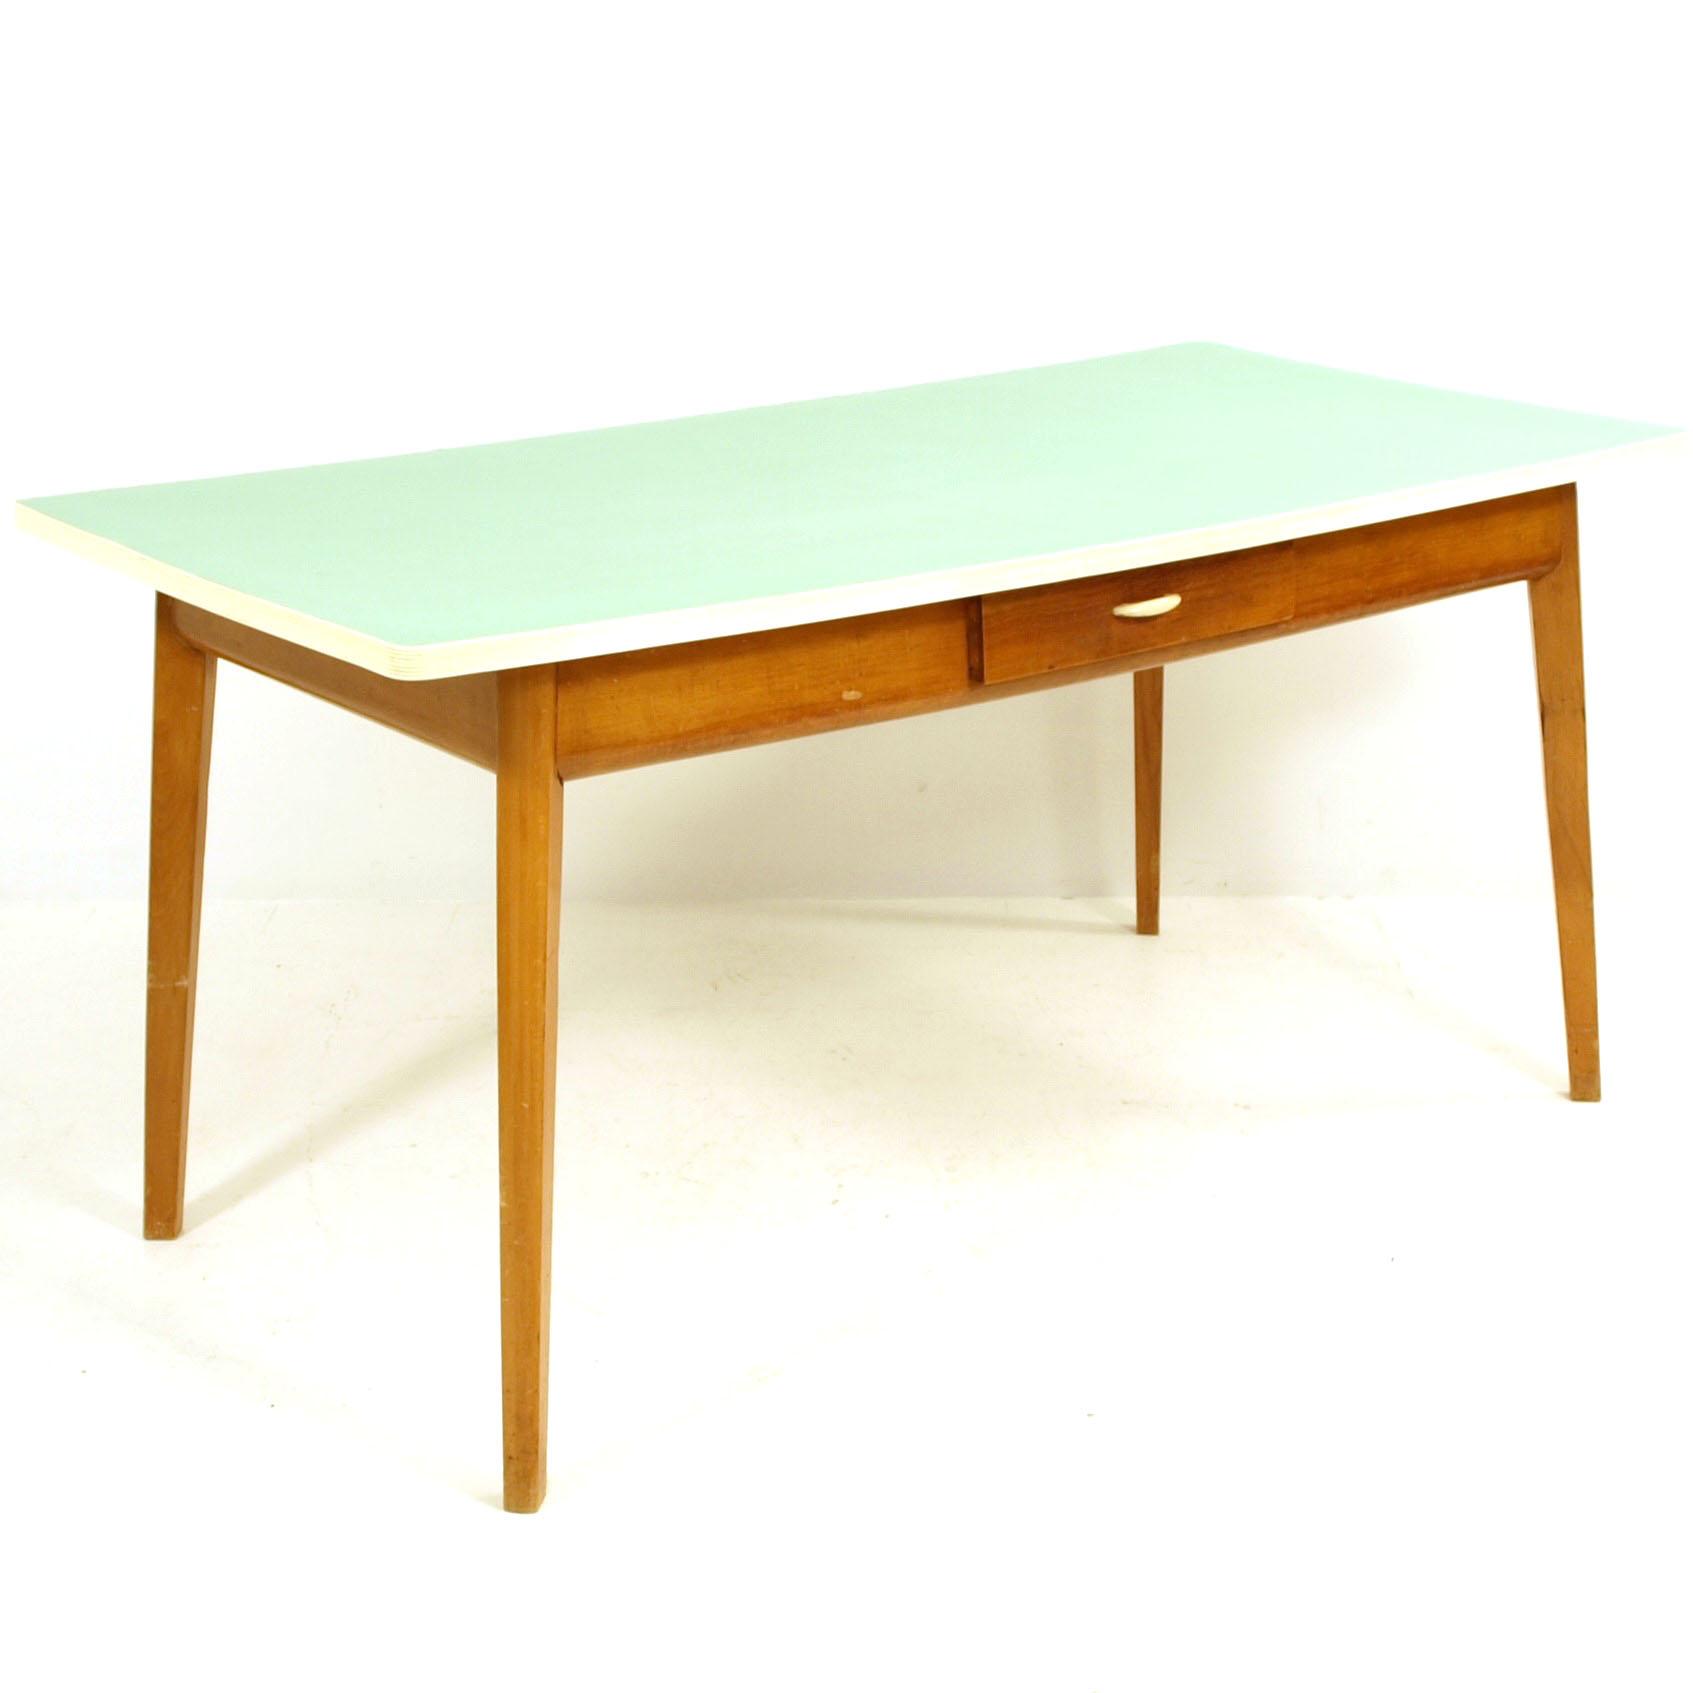 formica kunstharz tisch | möbel zürich | vintagemöbel, Esstisch ideennn